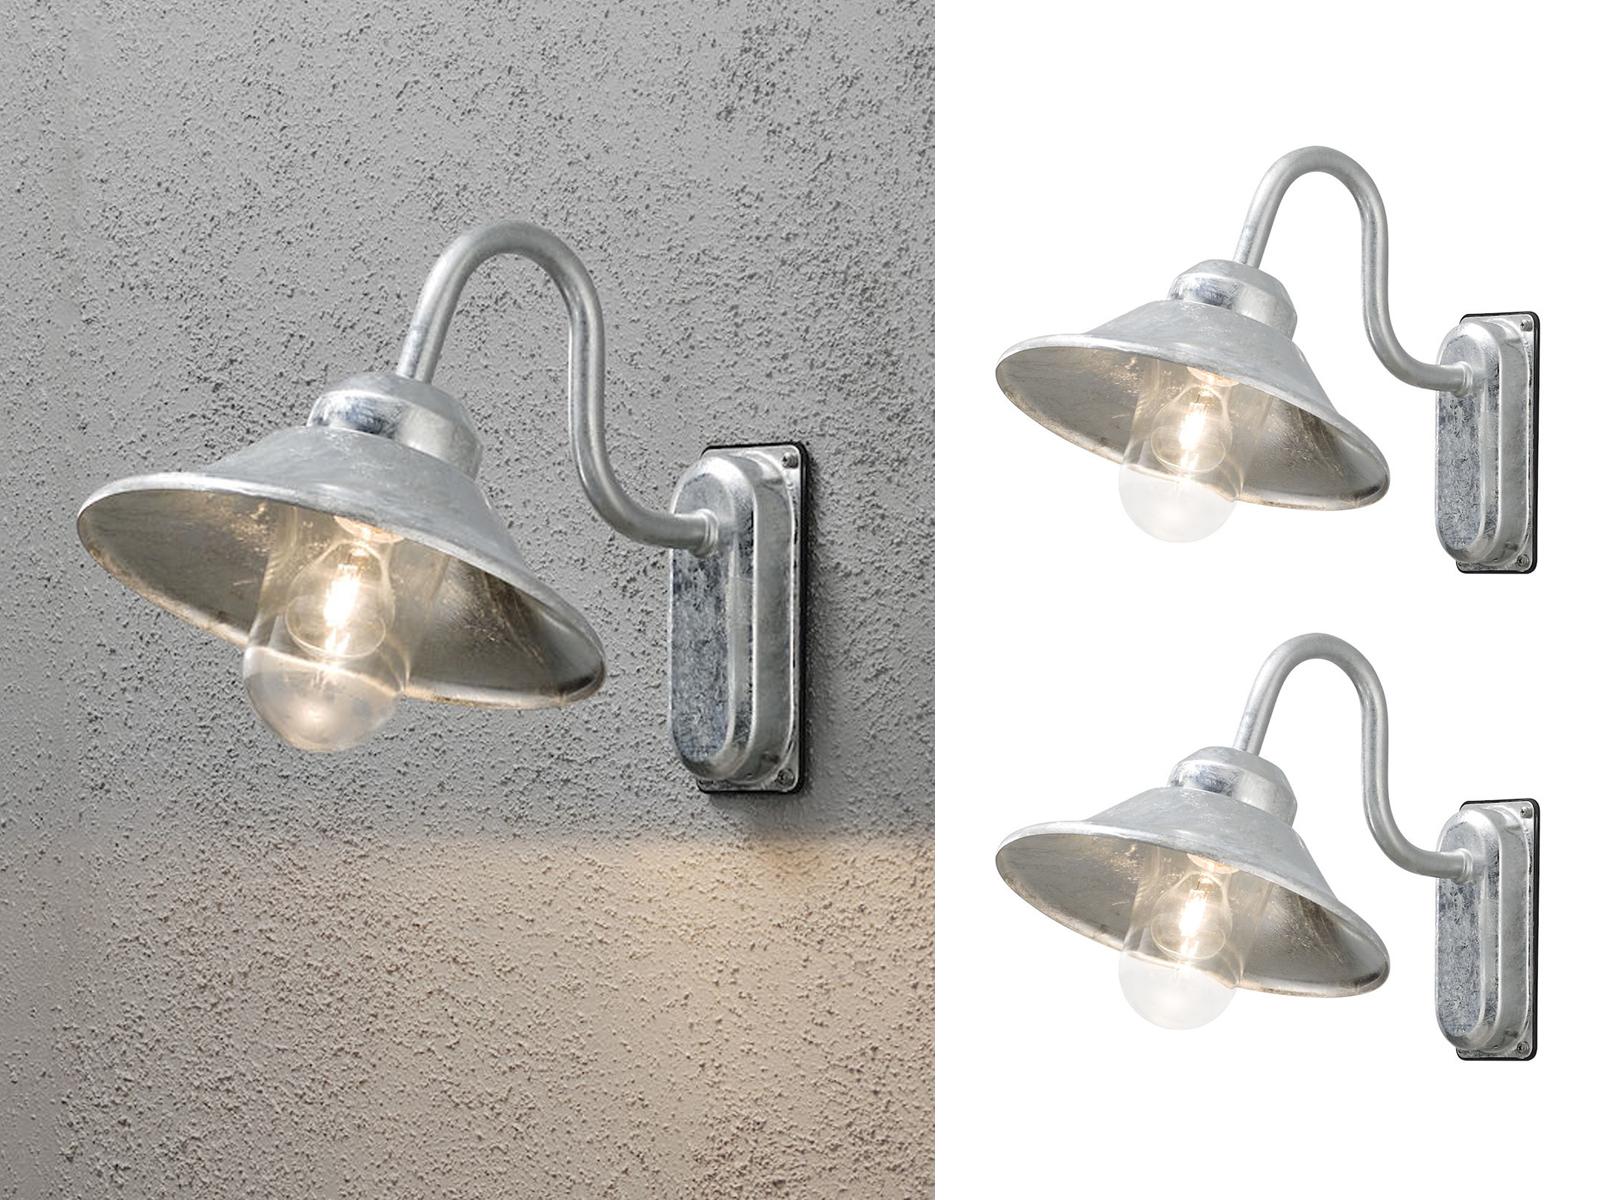 2er-set muro esterno luci Applique Vega acciaio zincato e27